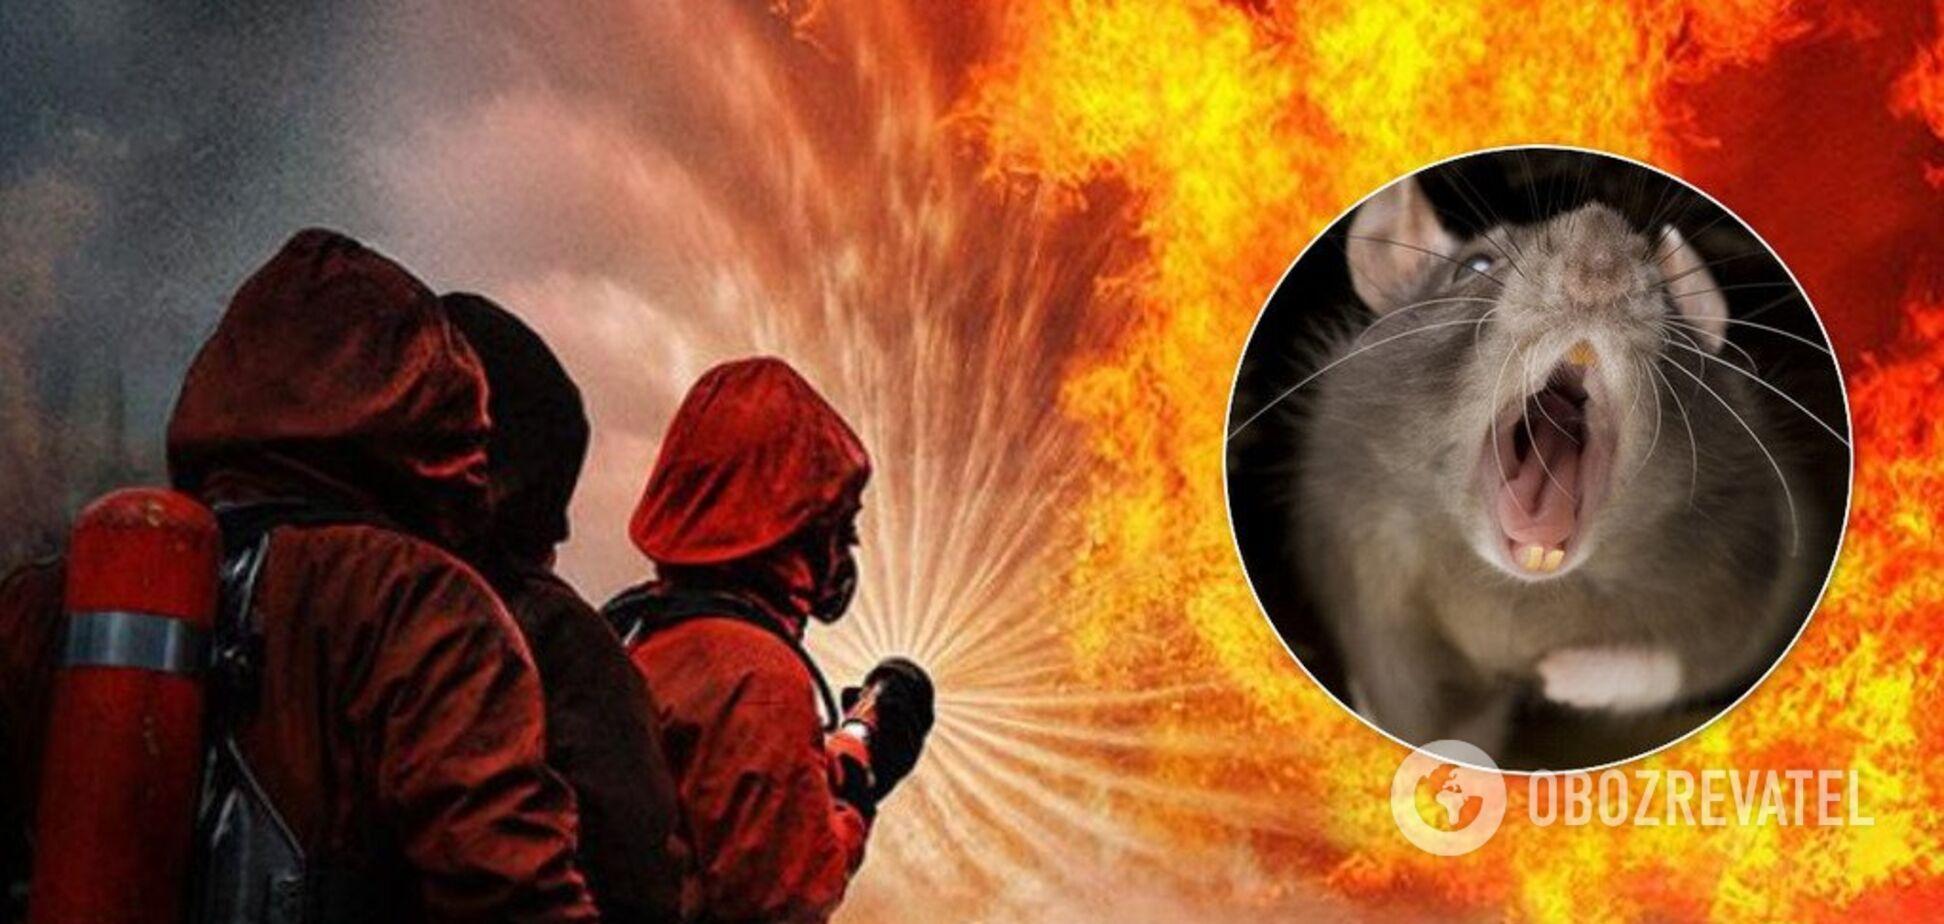 Около сотни животных погибли во время пожара в Днепре: подробности ЧП